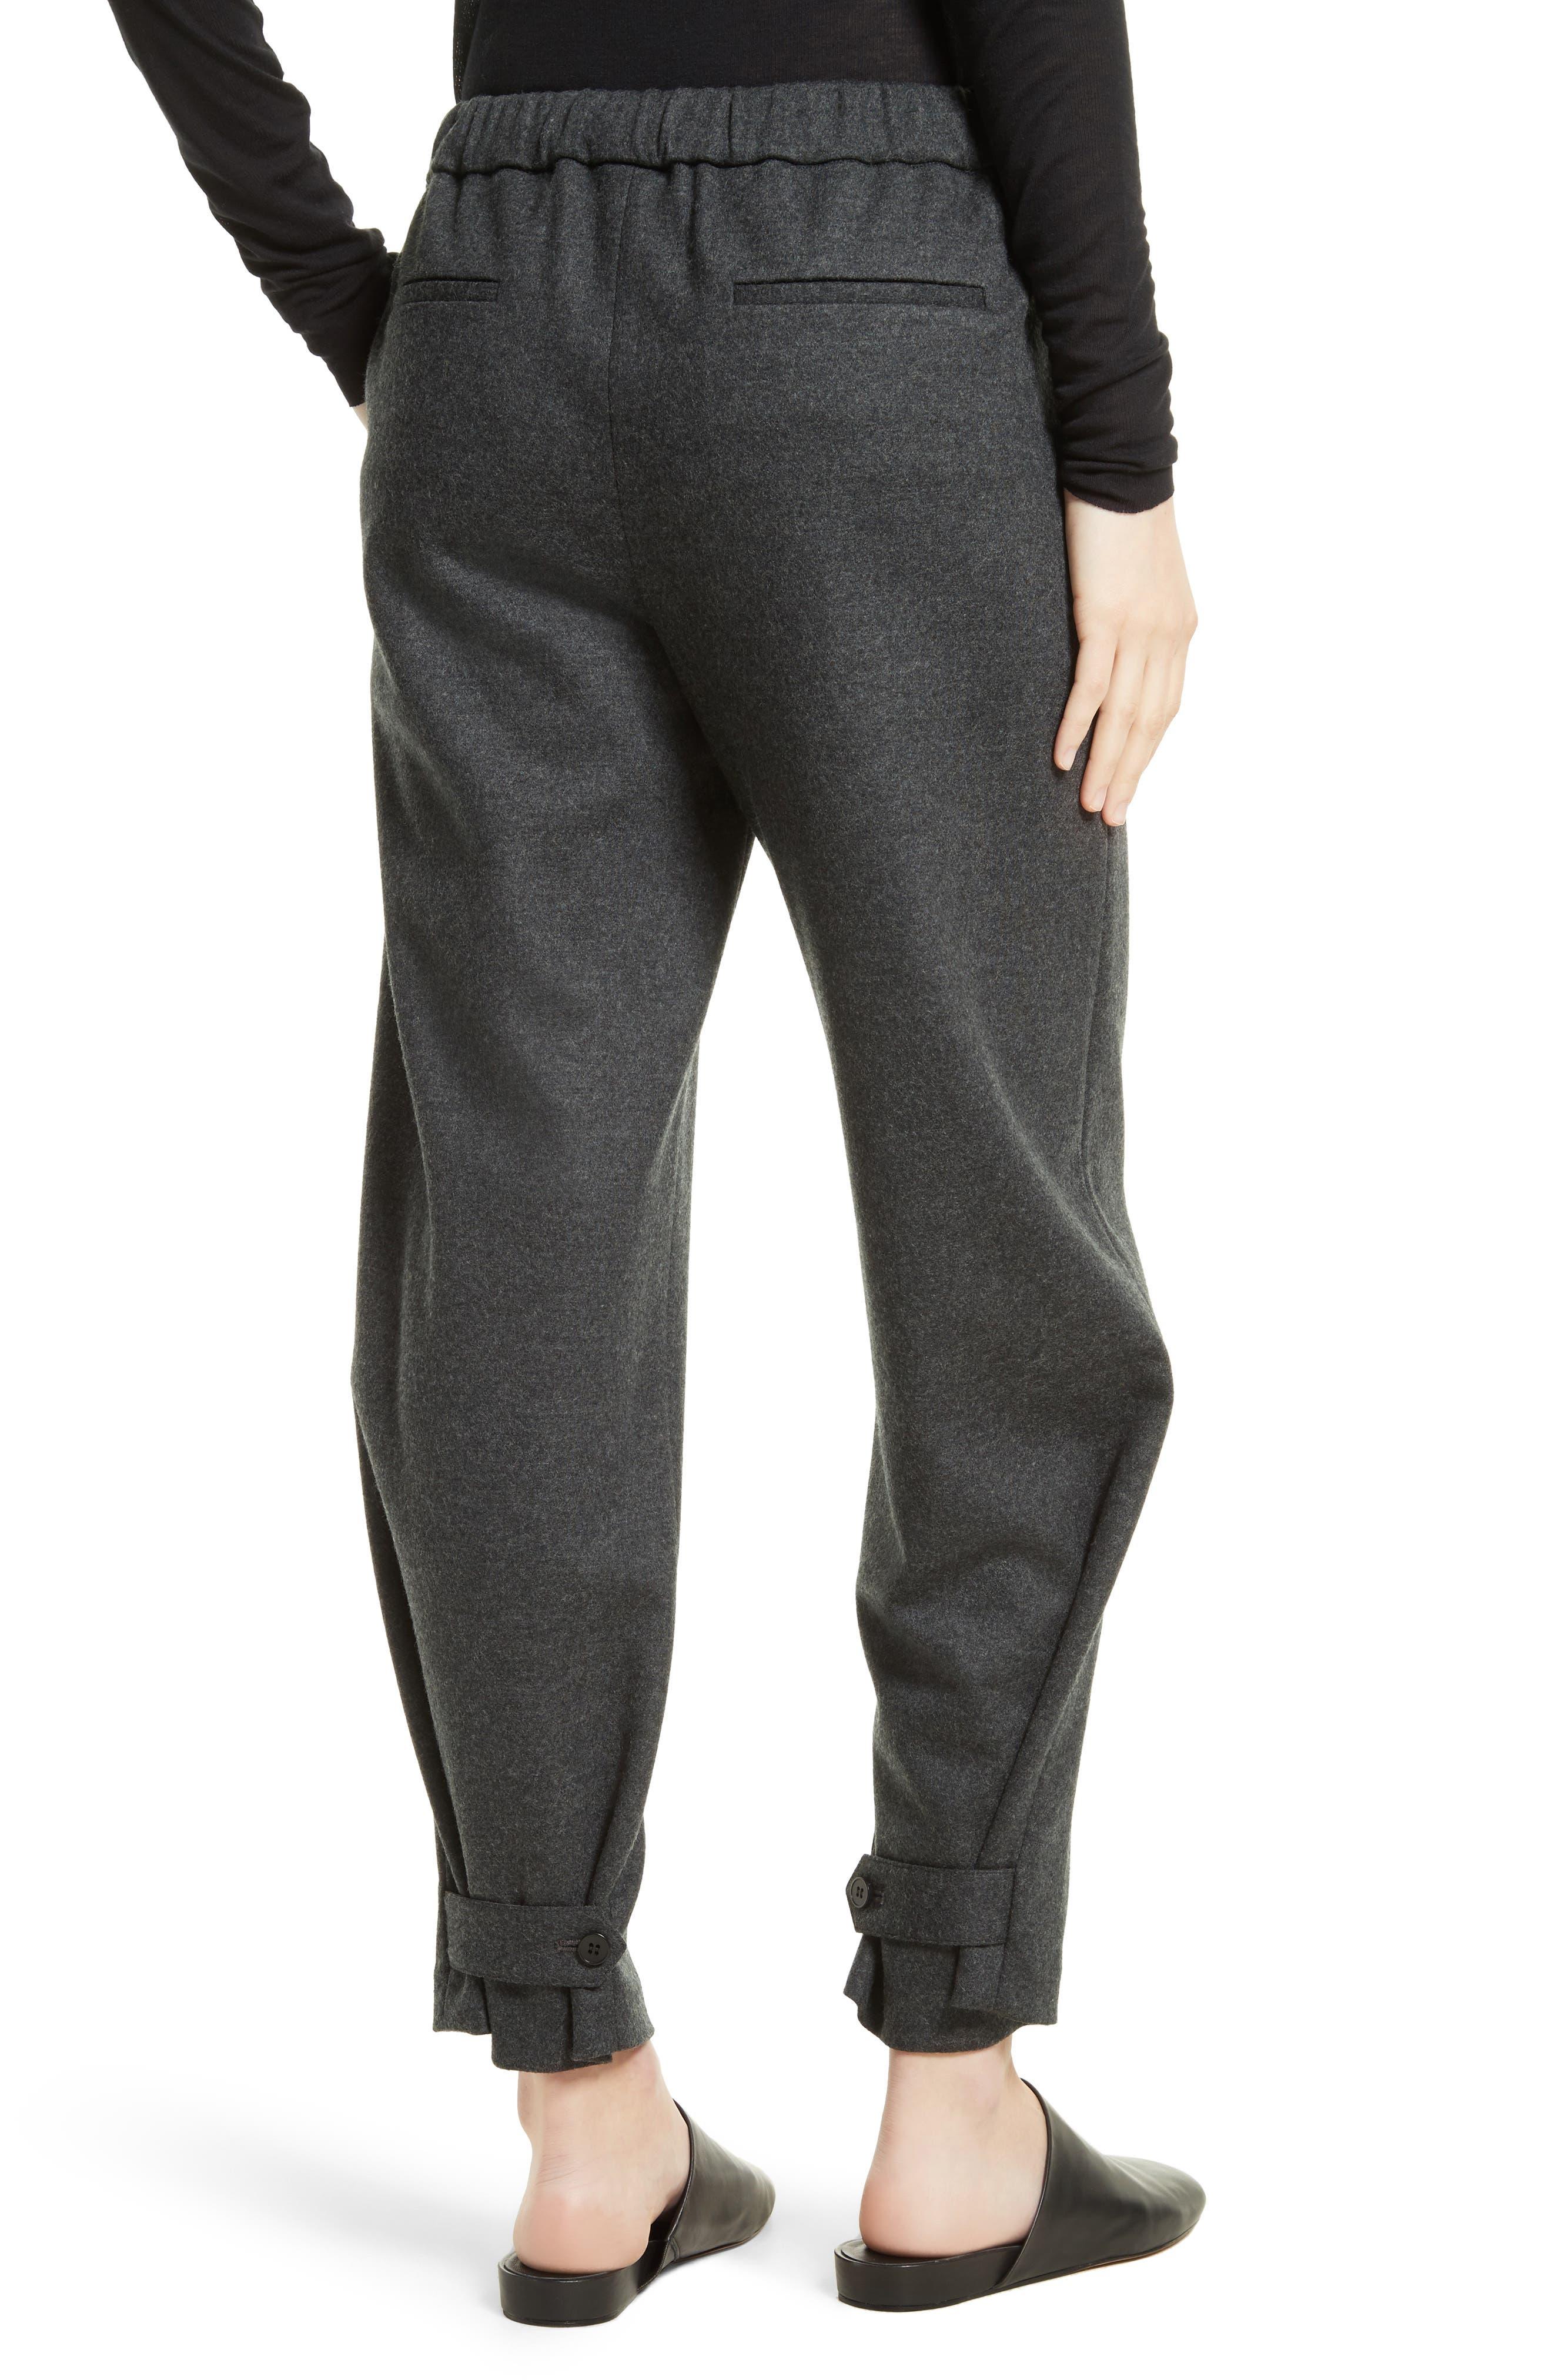 Genie Flannel Knit Pants,                             Alternate thumbnail 4, color,                             029